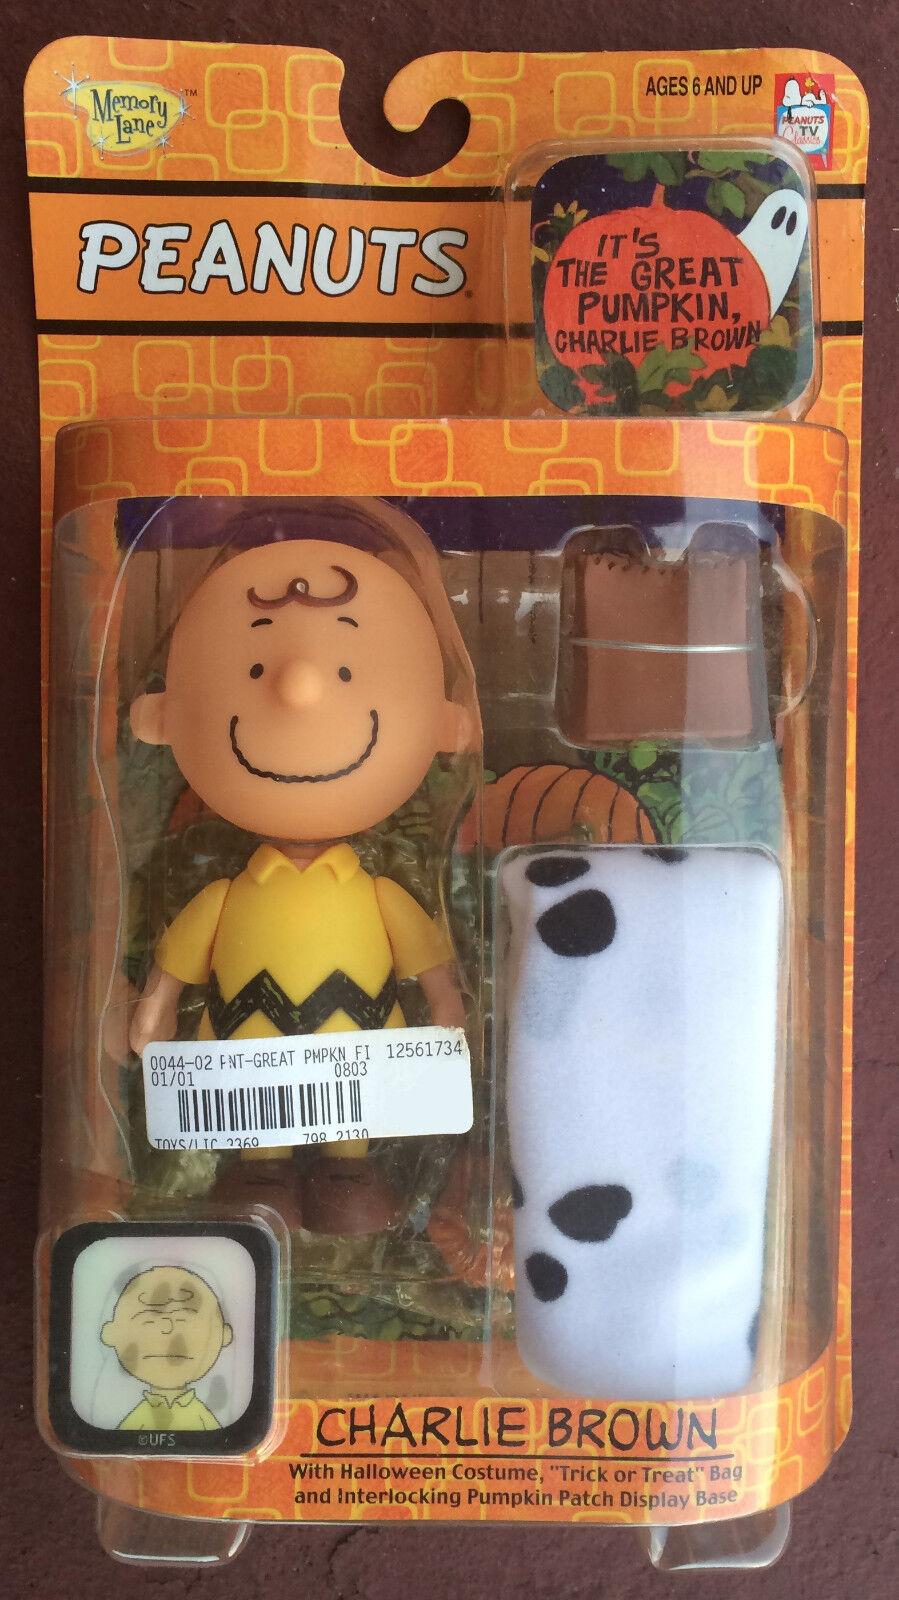 IT IS THE Calabaza, CHARLIE marrón  GREAT Peanuts Halloween juguetes por jugar MANTIS